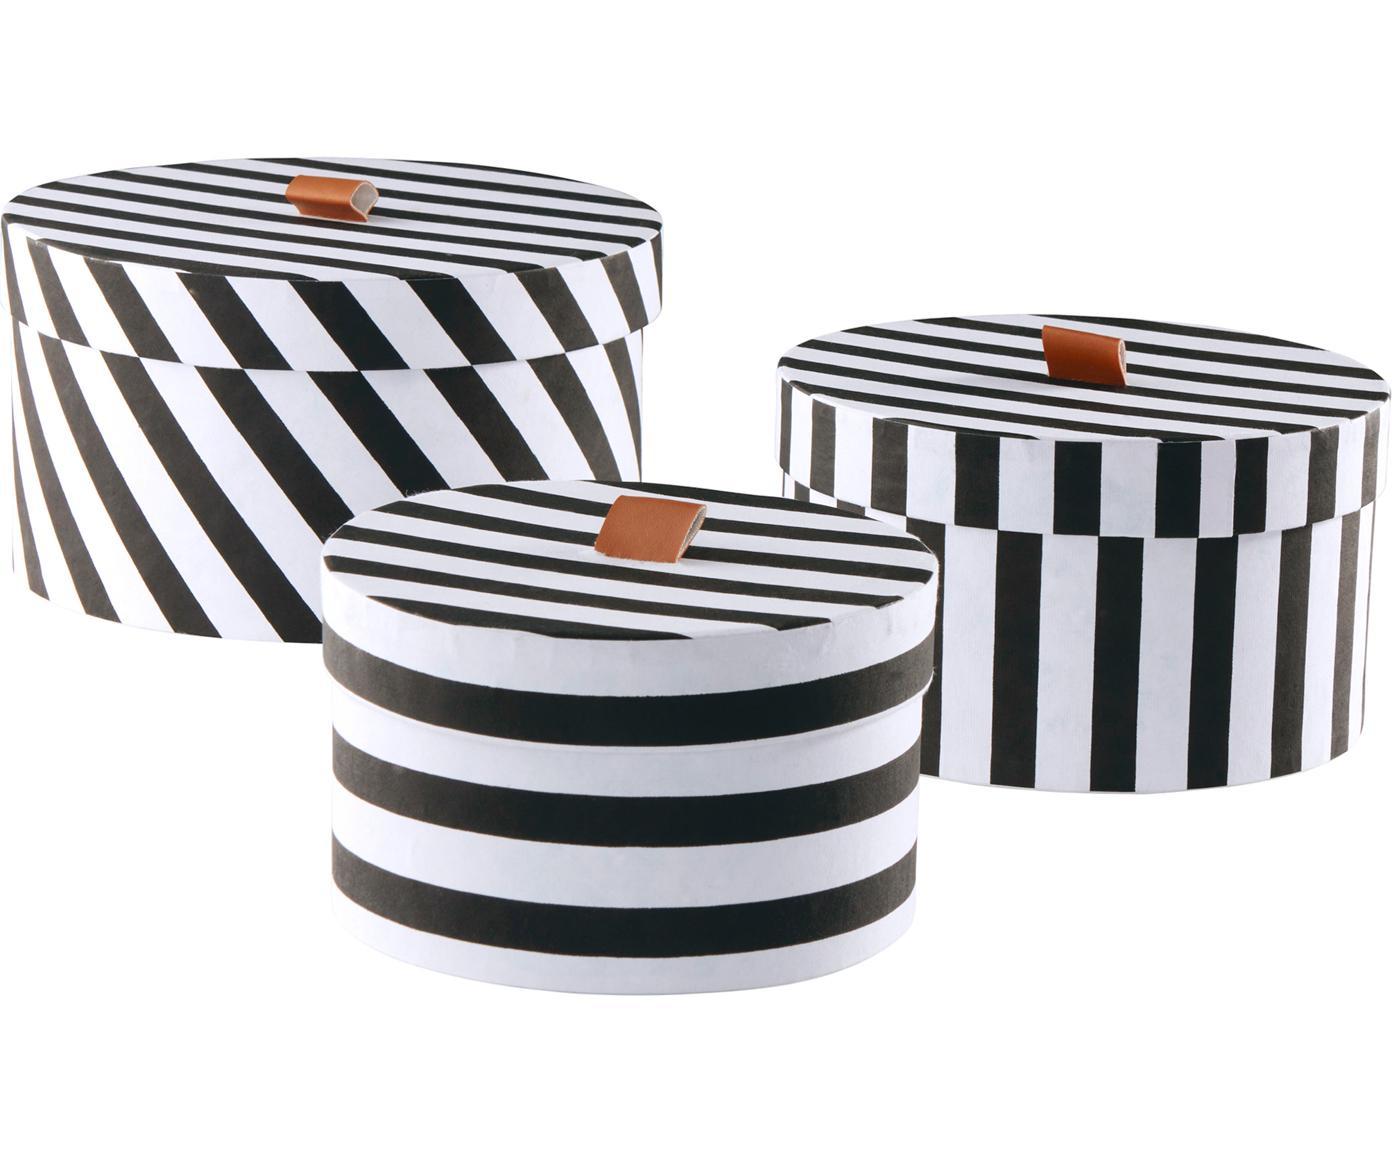 Set de cajas Dizzy, 3pzas., Cartón, Negro, blanco, marrón, Tamaños diferentes